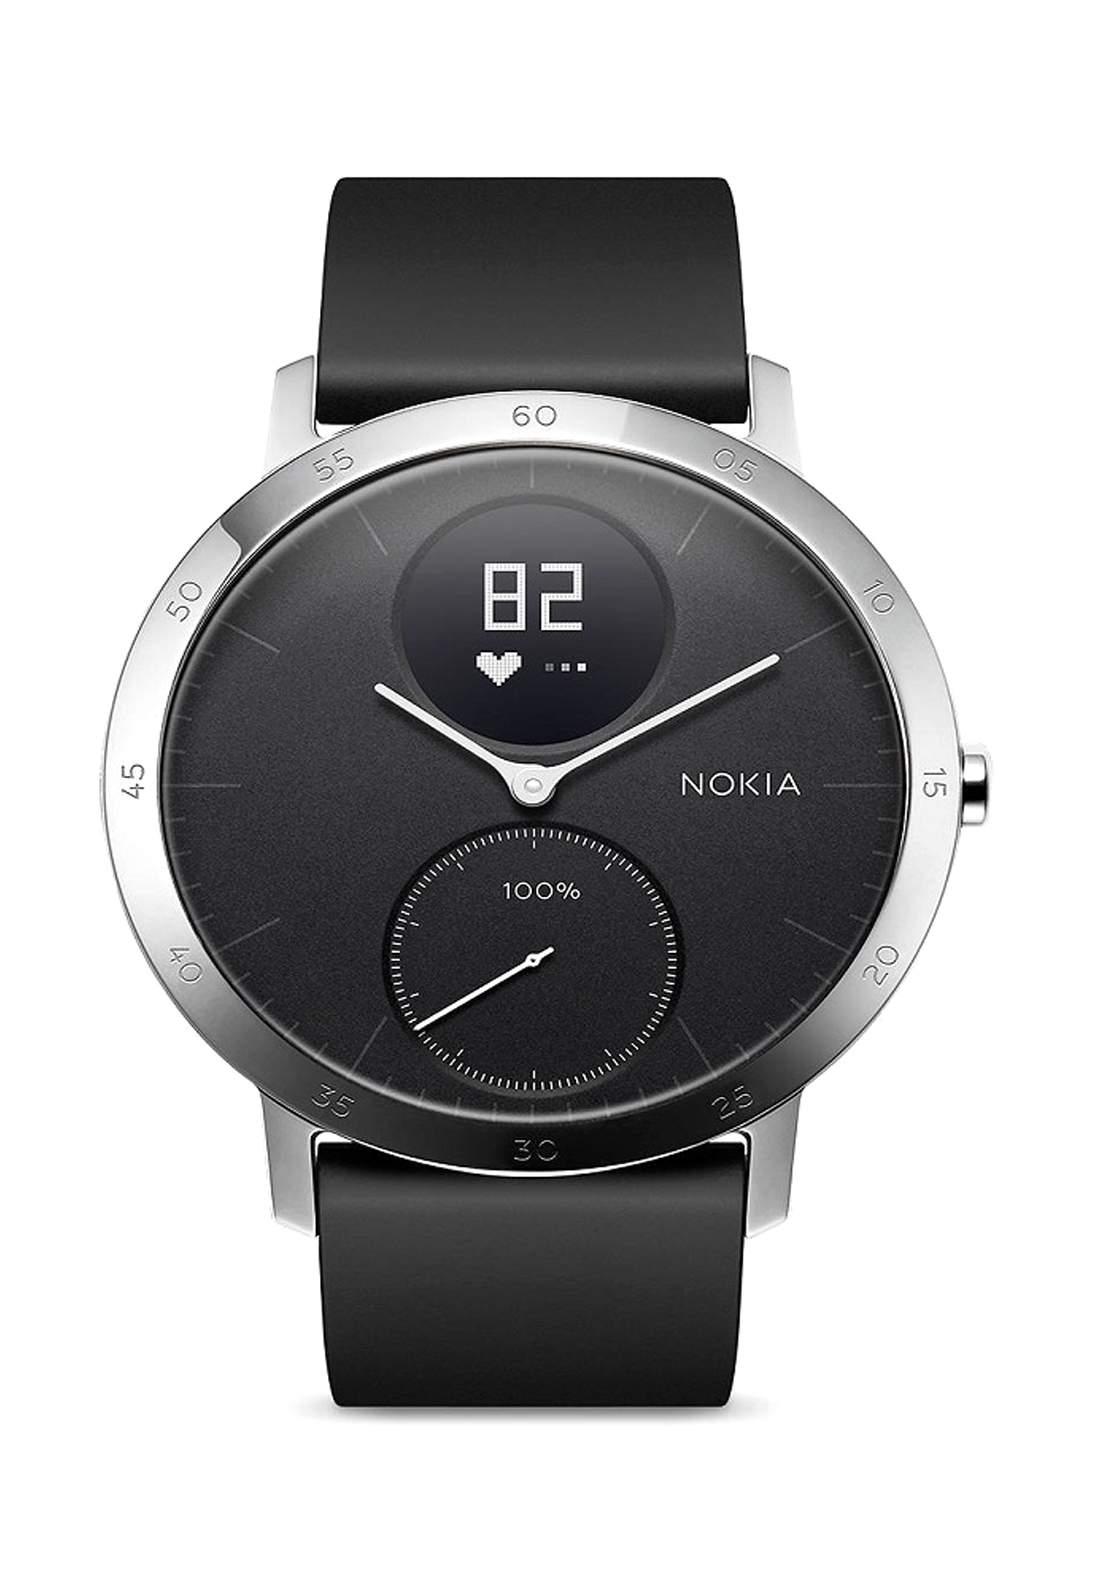 Nokia Steel HR Activity Tracking Watch 40mm - Black